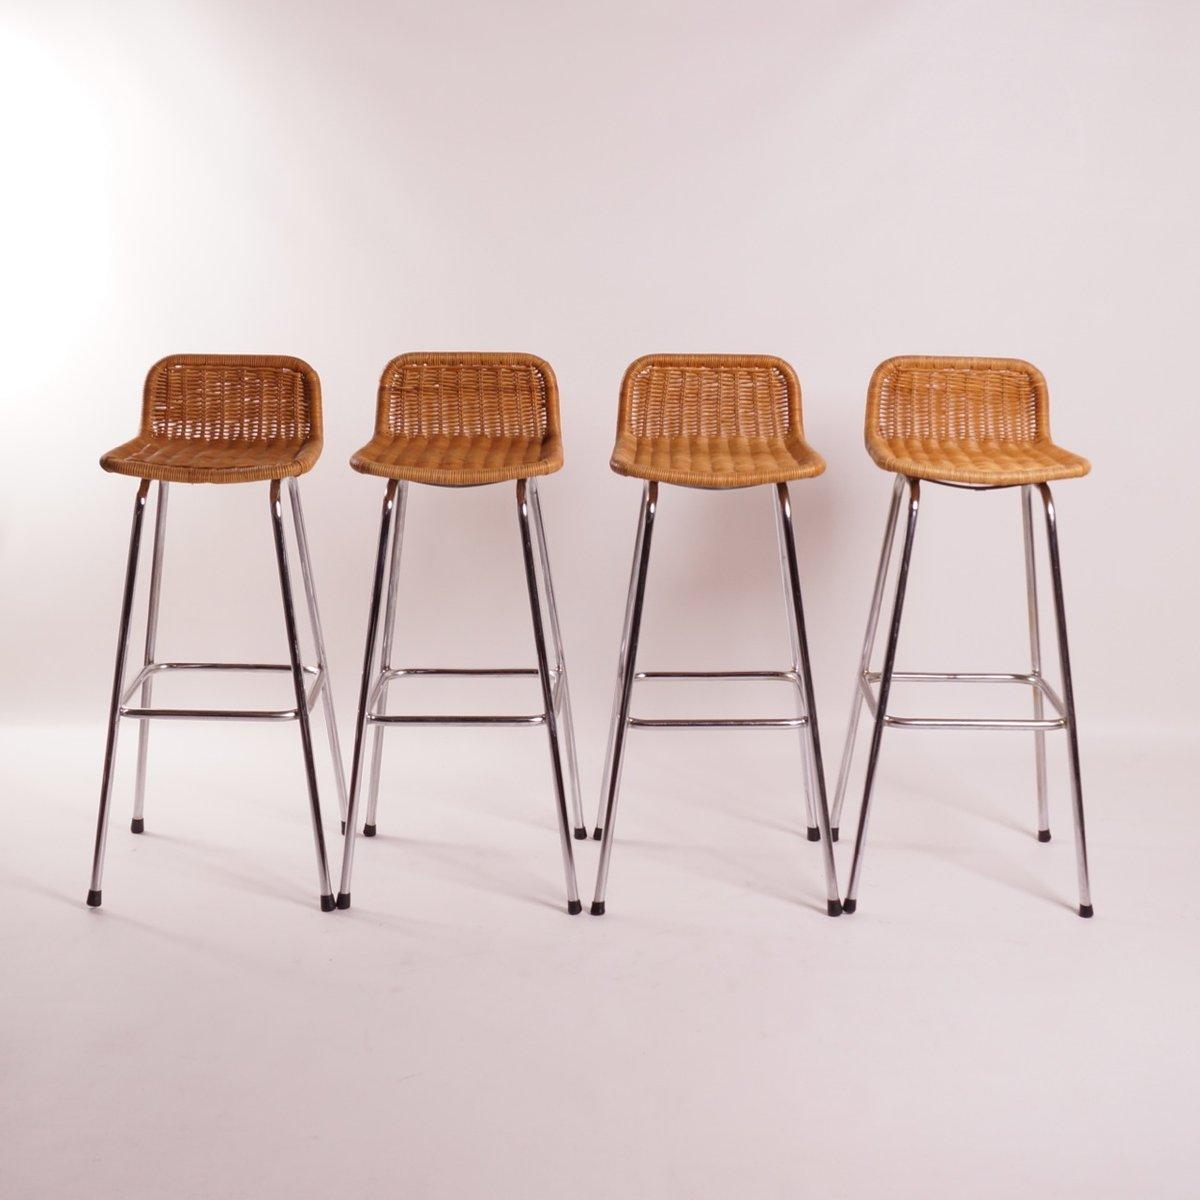 Rattan bar stools by dirk van sliedrecht for roh 1970s Rattan bar stools